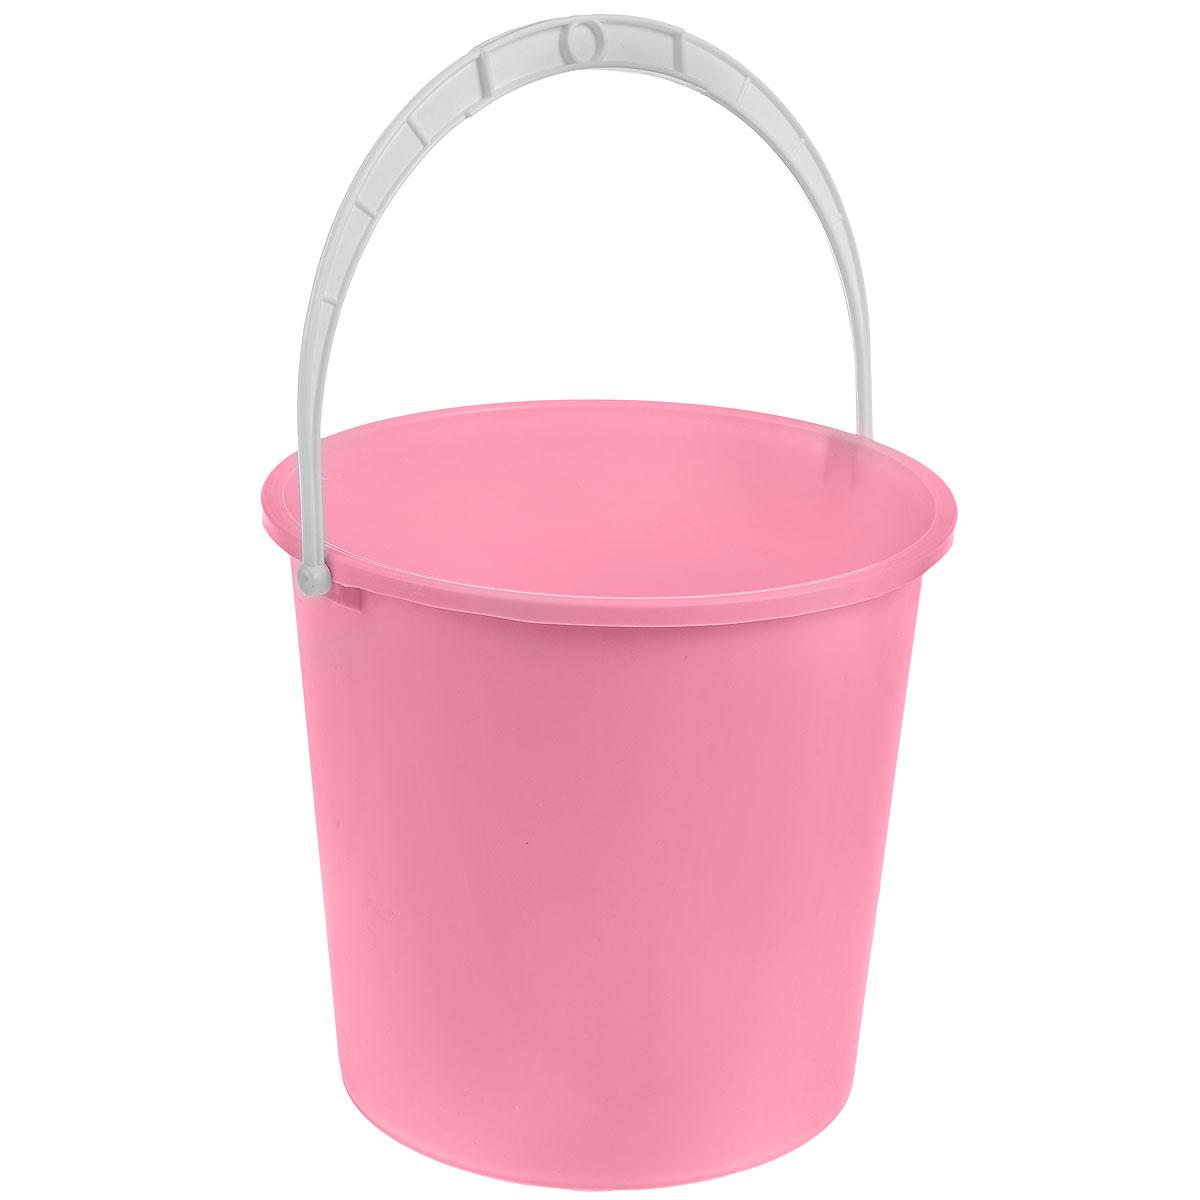 Ведро Альтернатива Крепыш, цвет: розовый, 5 лК340_розовыйВедро Альтернатива Крепыш изготовлено из высококачественного одноцветного пластика. Оно легче железного и не подвержено коррозии. Ведро оснащено удобной пластиковой ручкой. Такое ведро станет незаменимым помощником в хозяйстве. Диаметр: 22 см. Высота: 20,5 см.